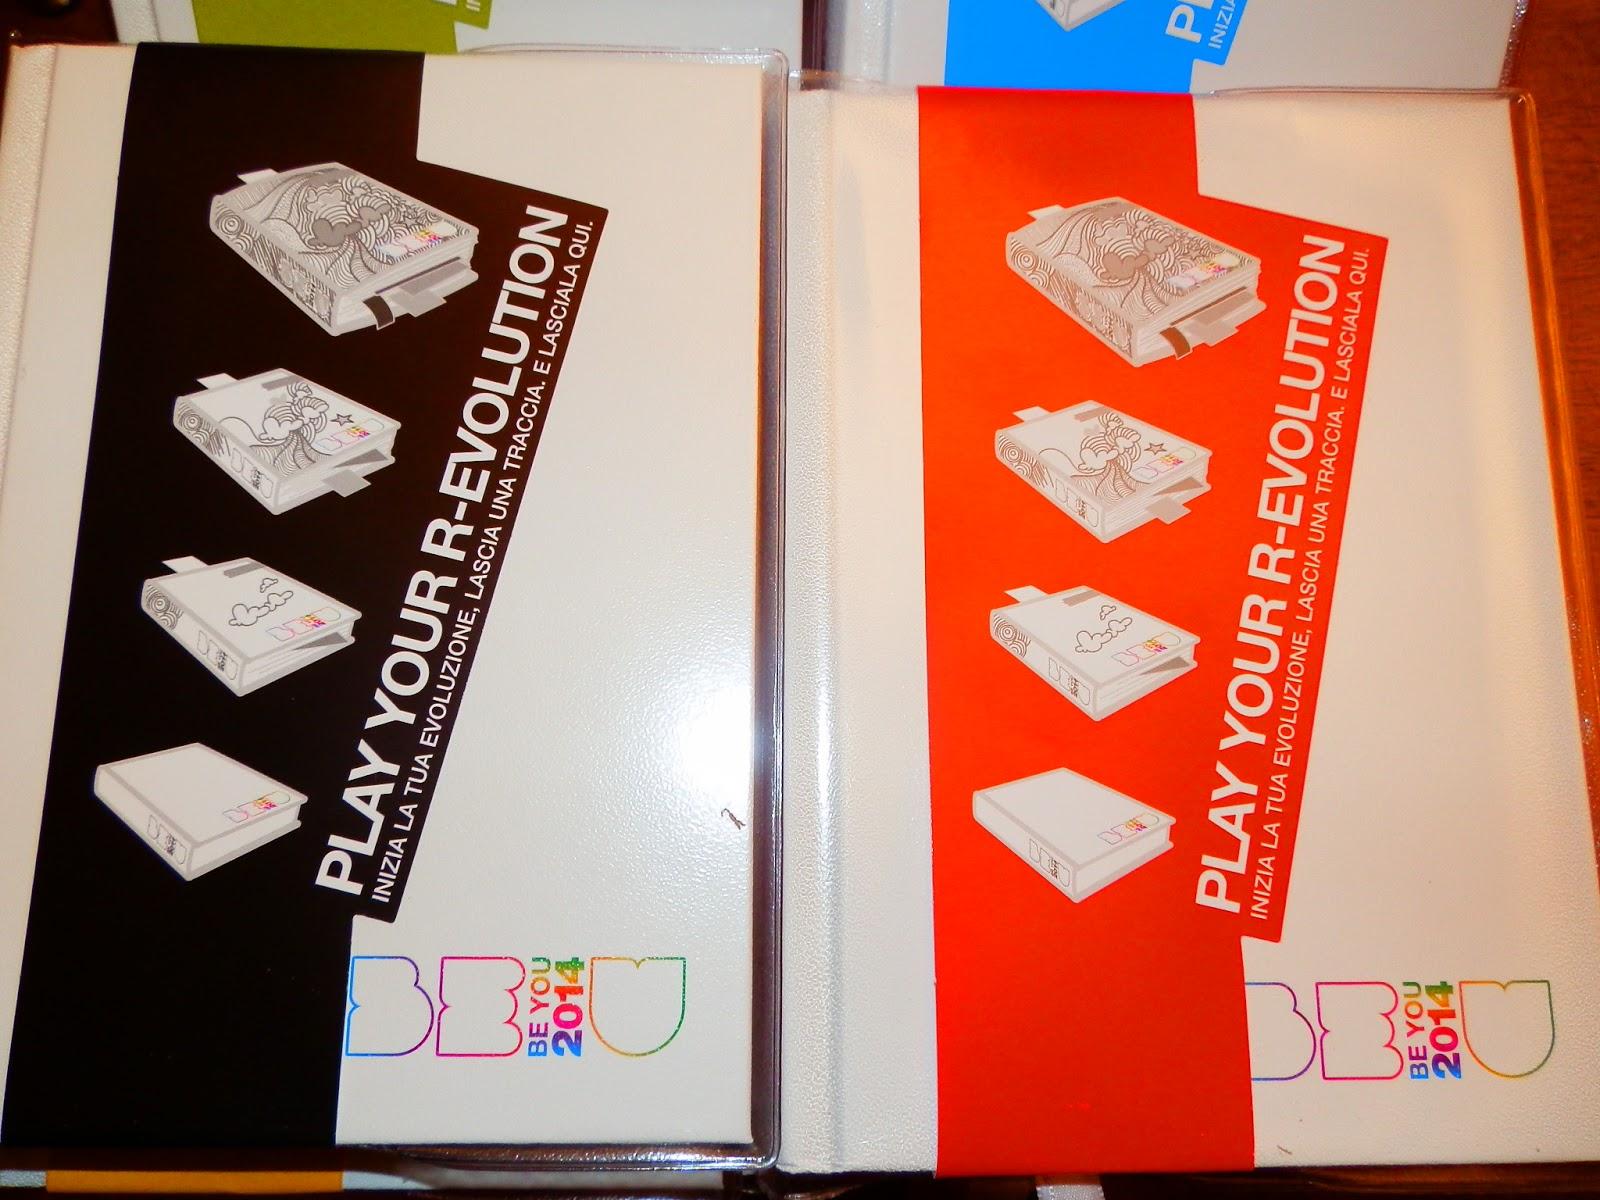 Conosciuto Libreria Saint Etienne: Be-U: il diario scolastico personalizzabile UZ34